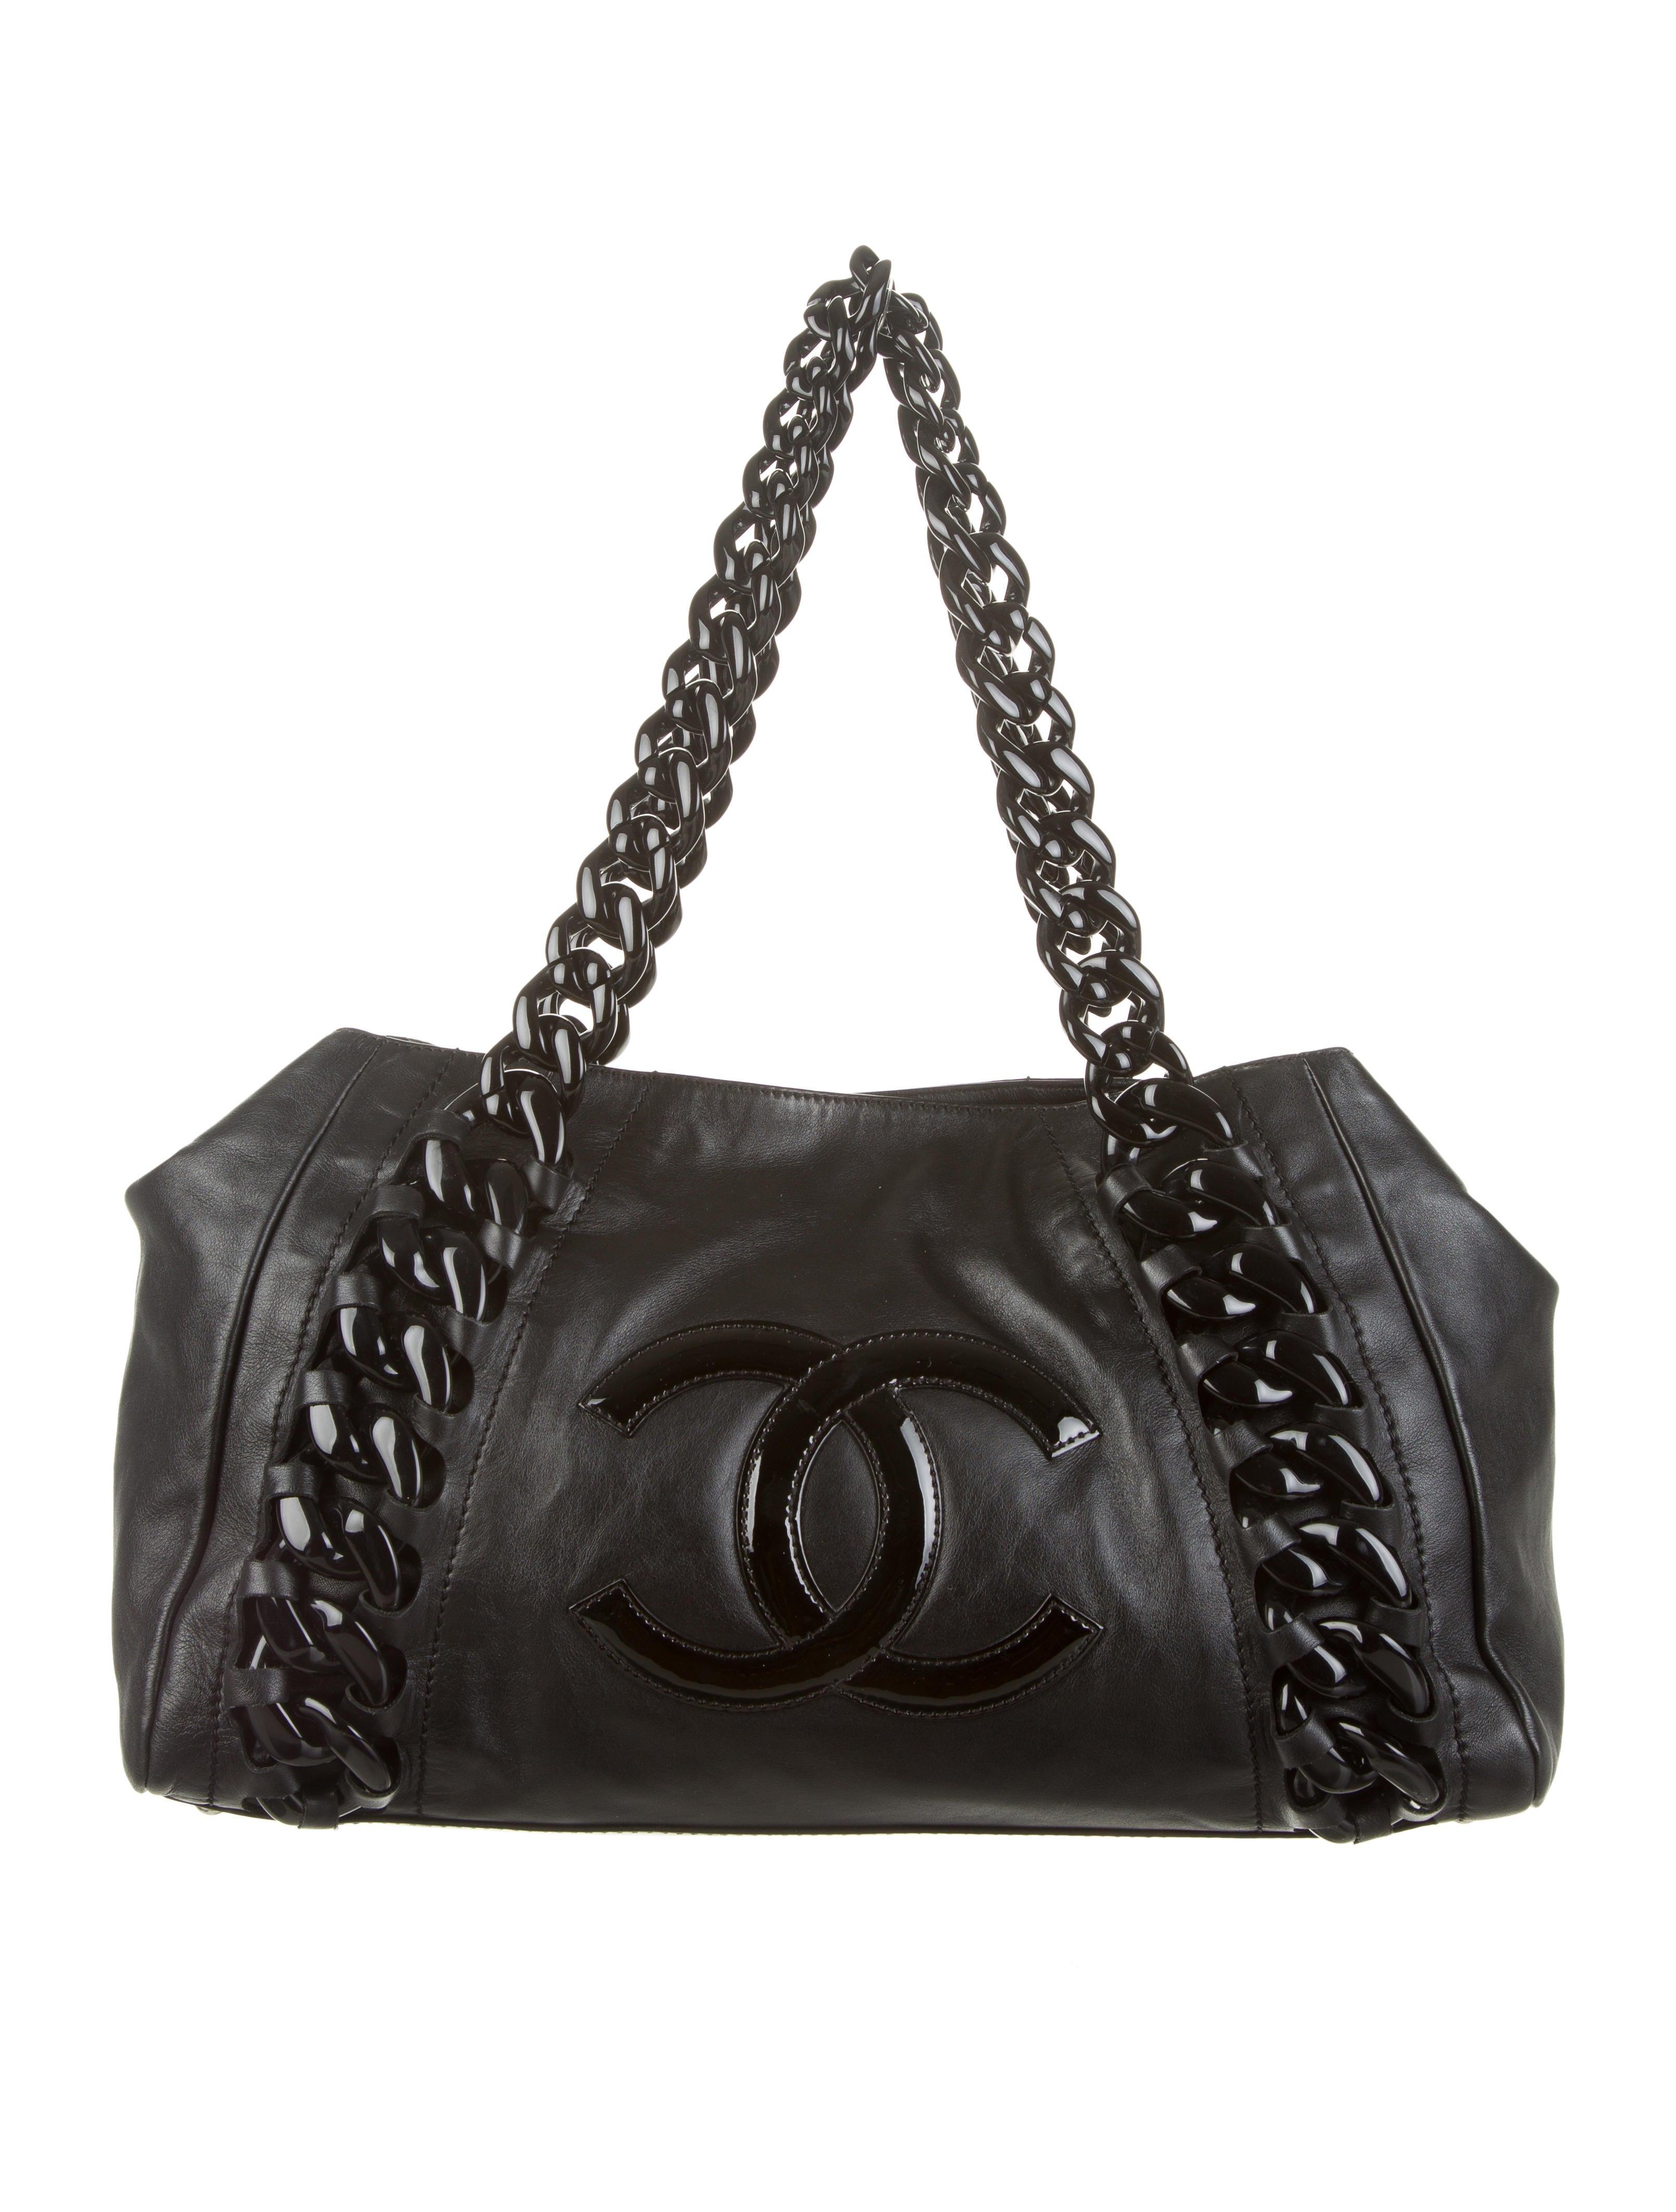 debea02f89fa Chanel Modern Chain E/W Tote - Handbags - CHA76603 | The RealReal